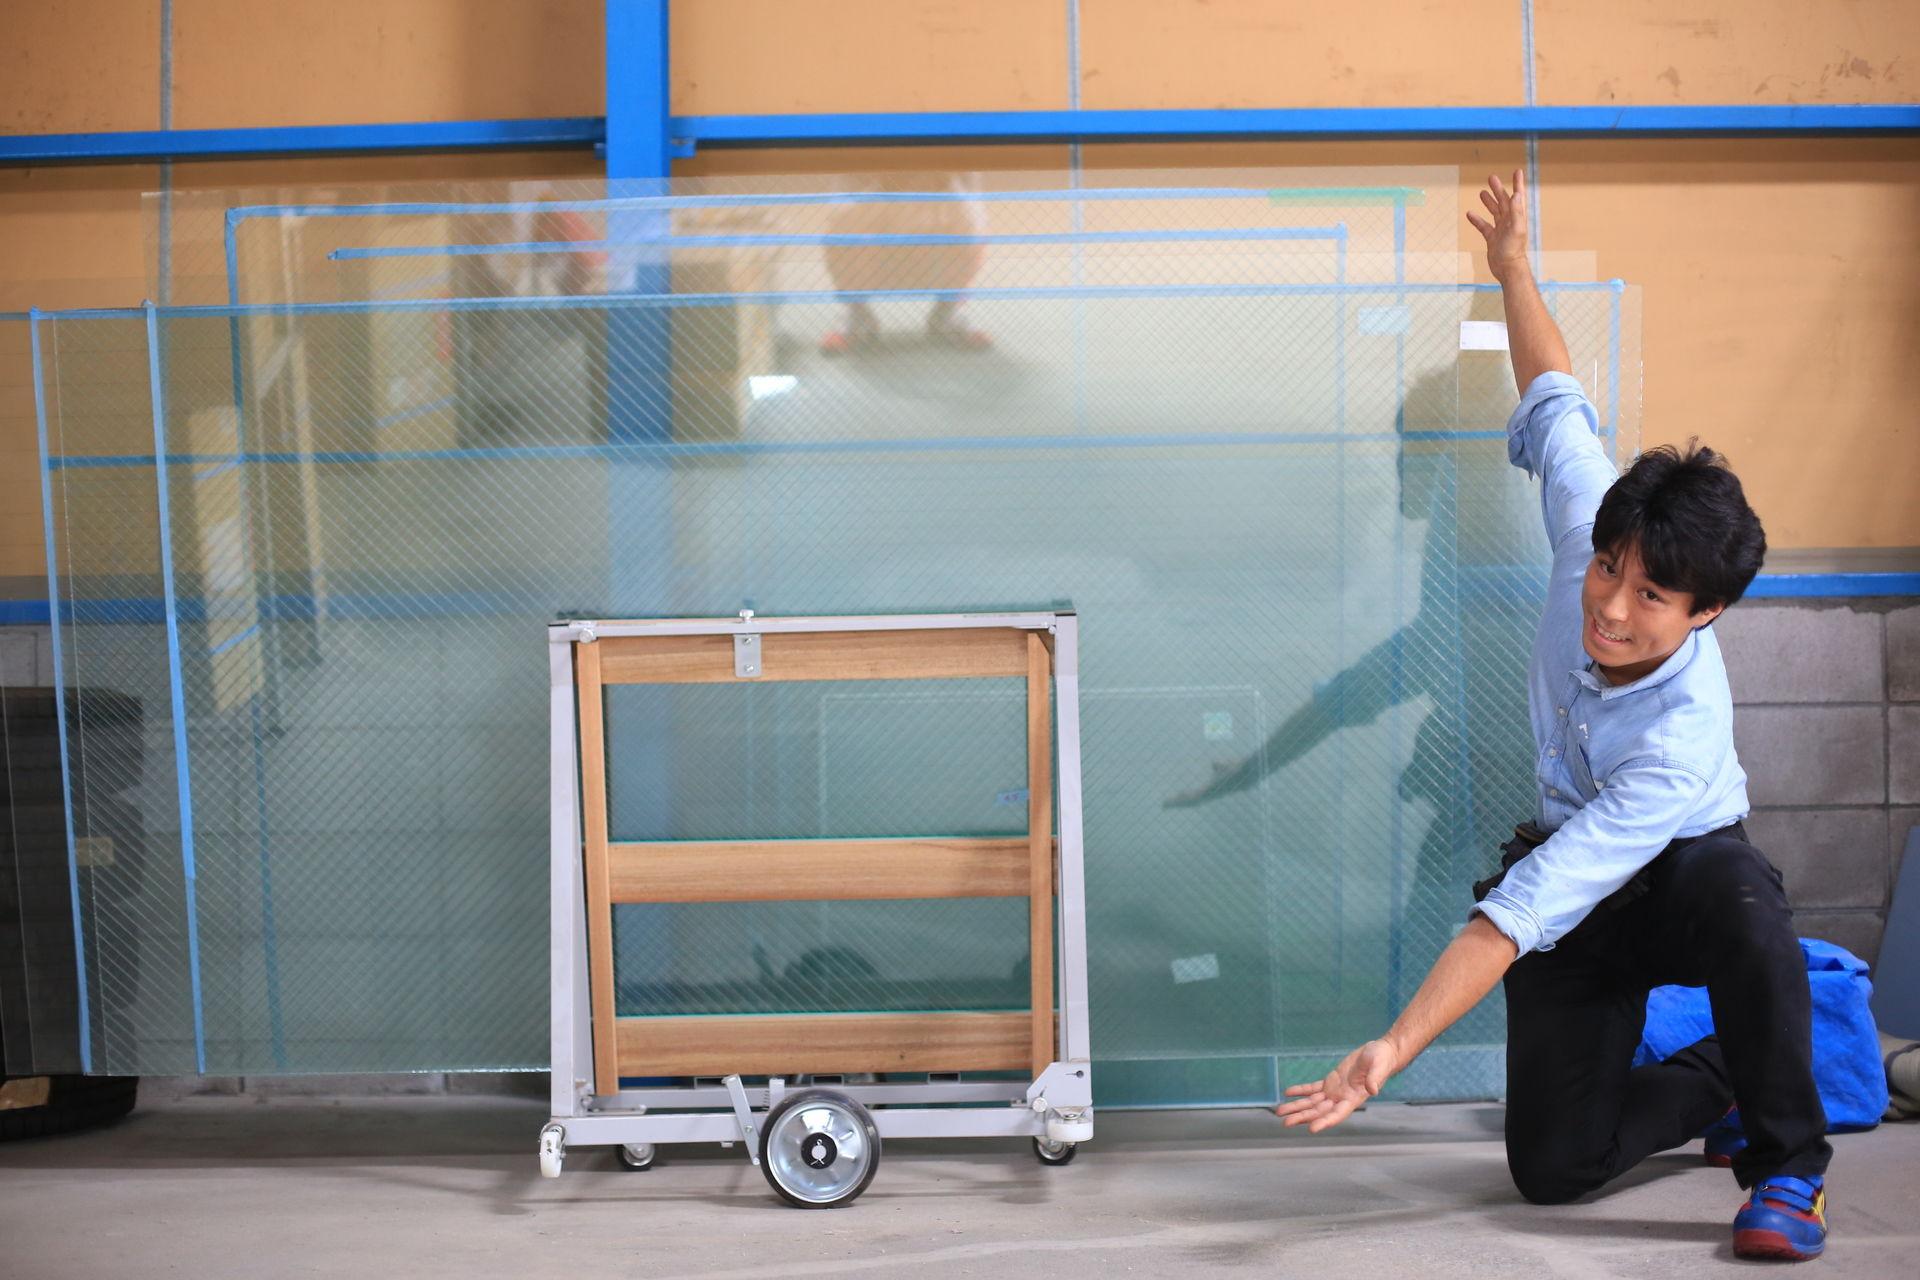 ガラスのトラブル救Q隊.24【大阪市大正区 出張エリア】の店内・外観画像1